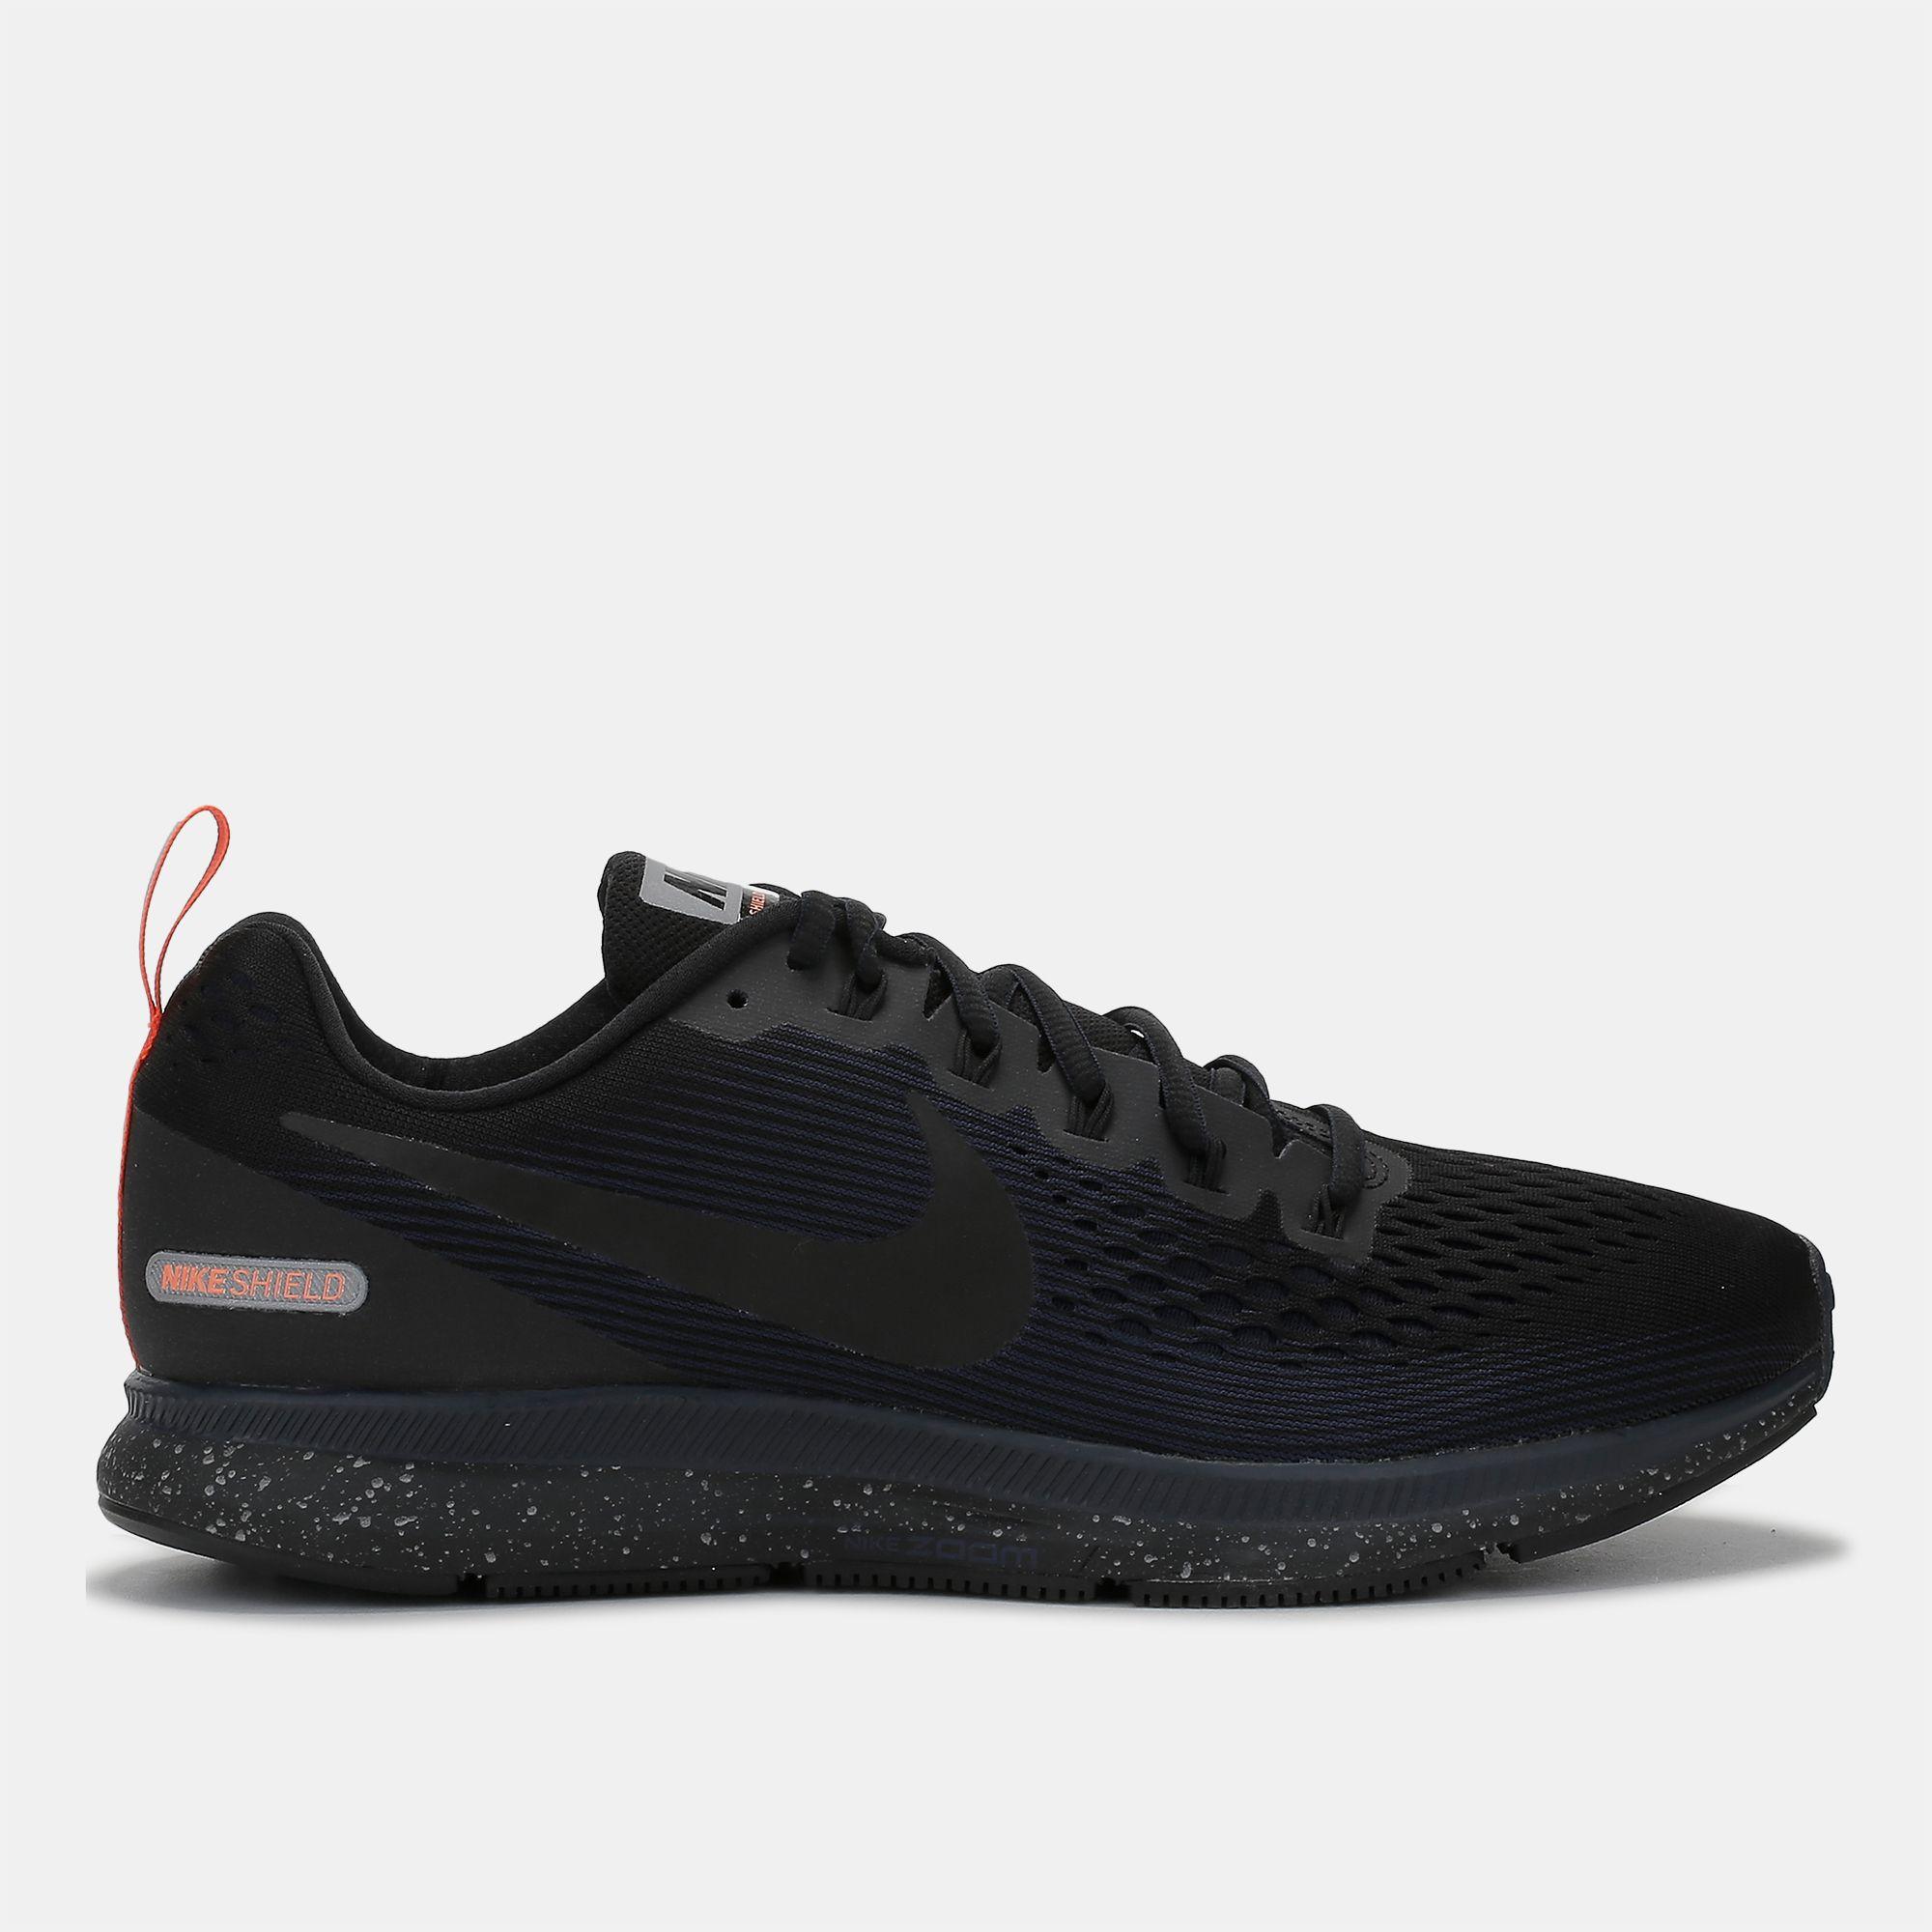 8b74b7b8e246 Nike Air Zoom Pegasus 34 Shield Running Shoe